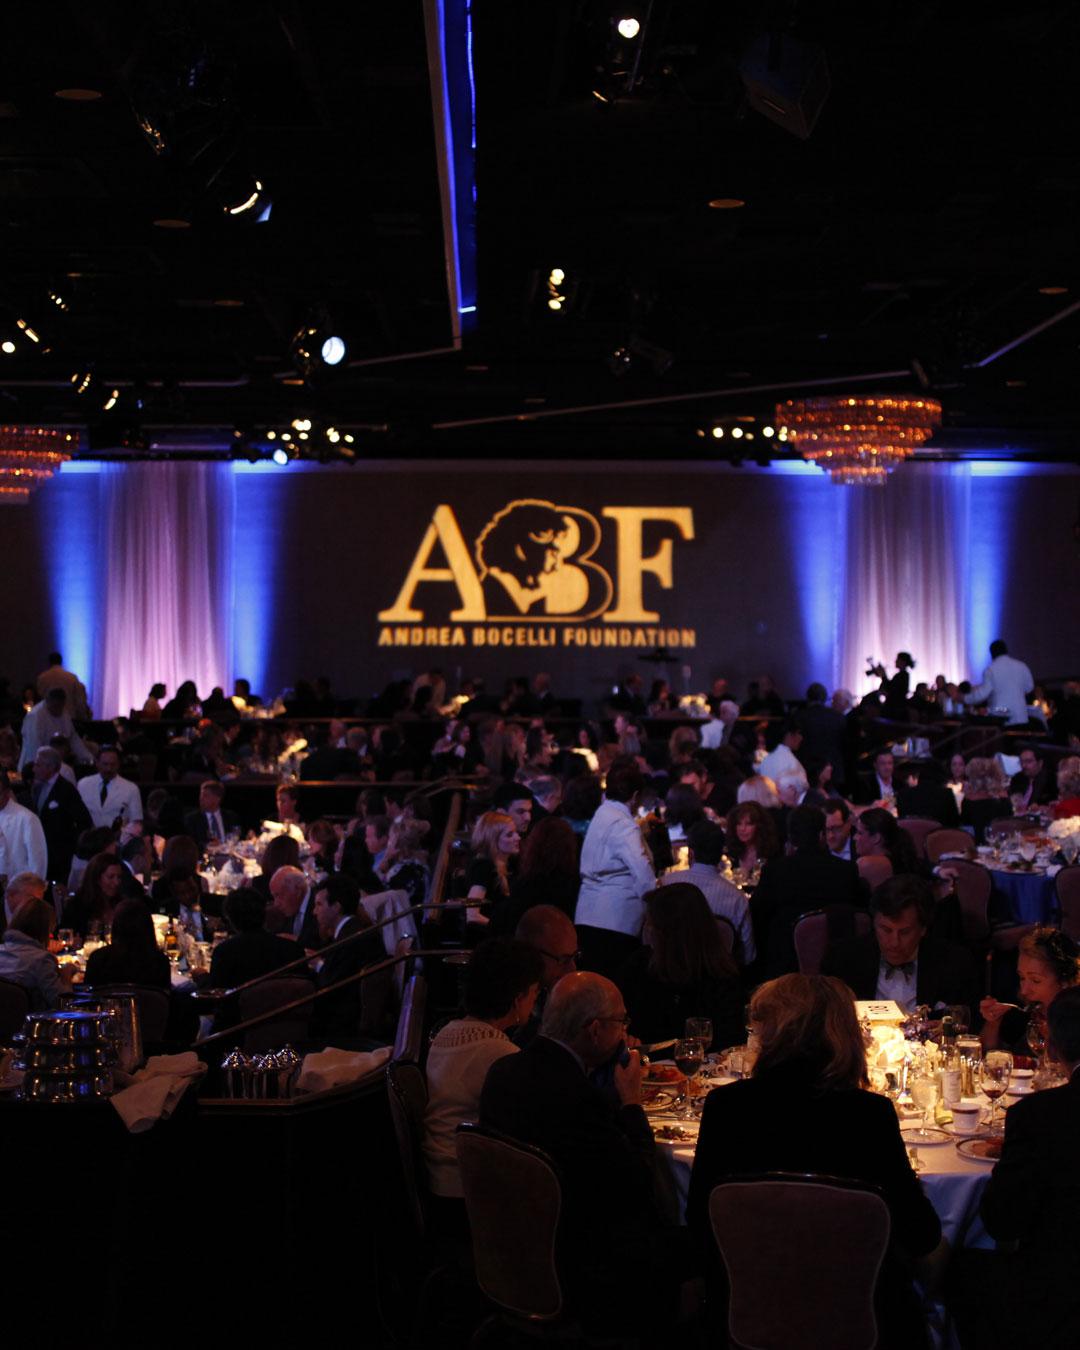 Nasce la Andrea Bocelli Foundation